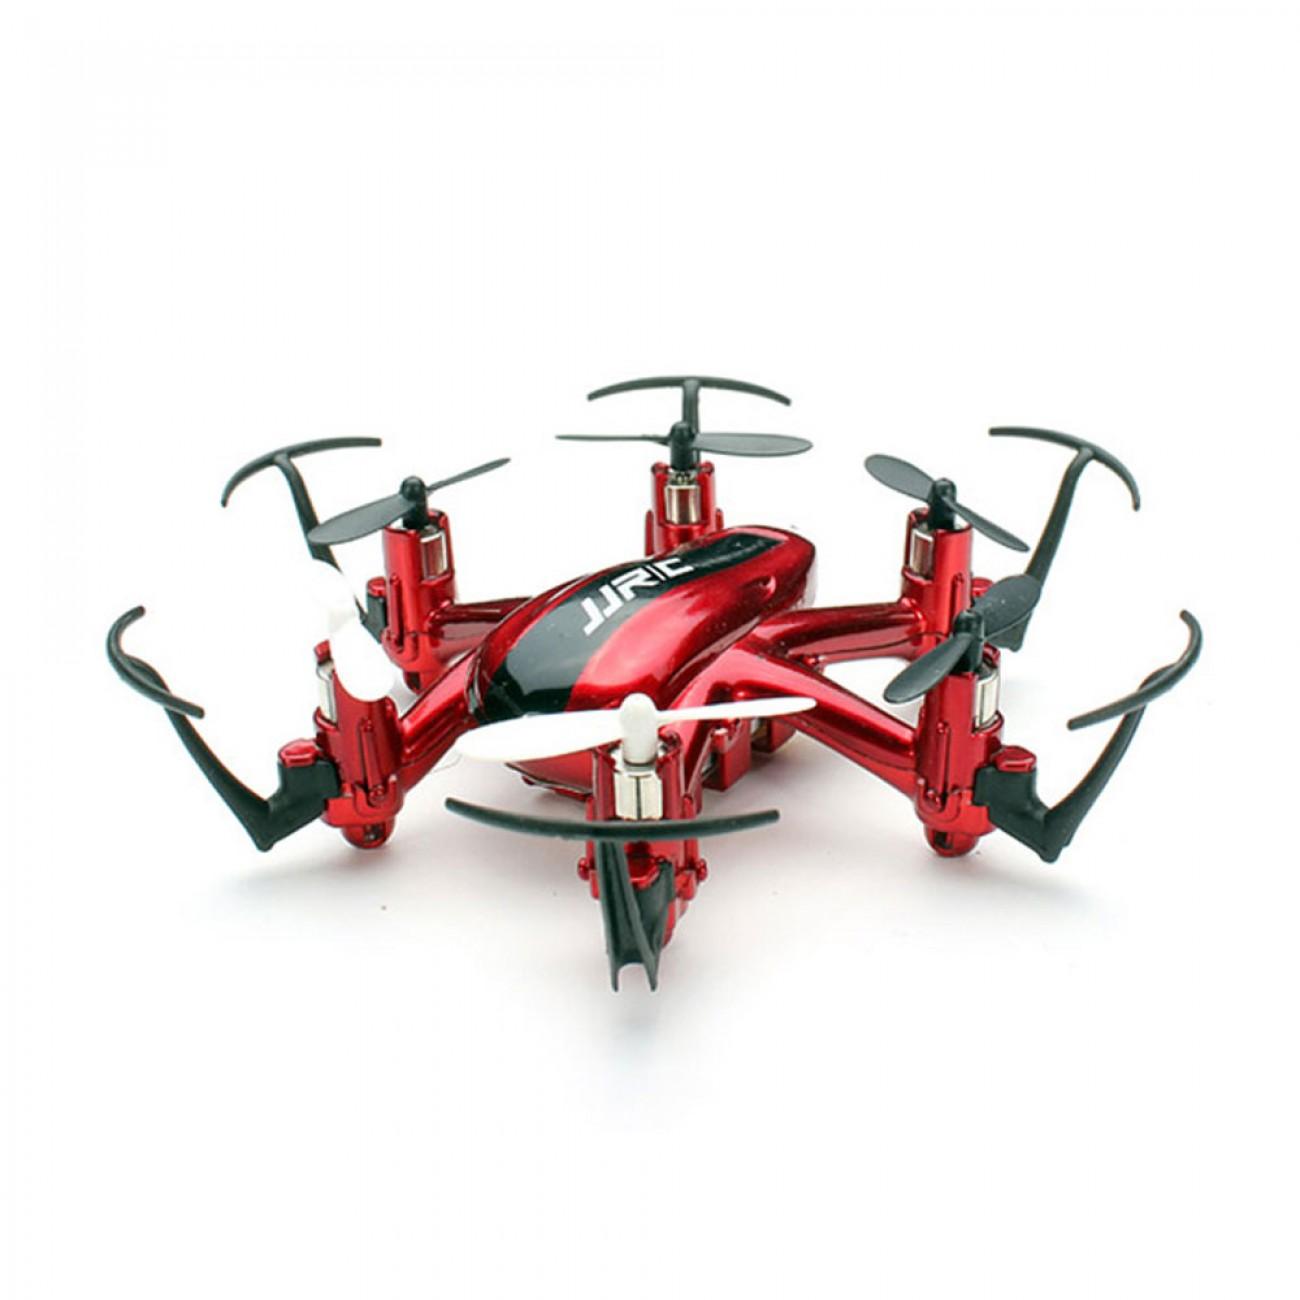 Хексакоптер / Дрон JJRC H20 Hexacopter, LED светлини, Режим ориентация, Червен в Дронове, Коптери, RC - JJRC | Alleop